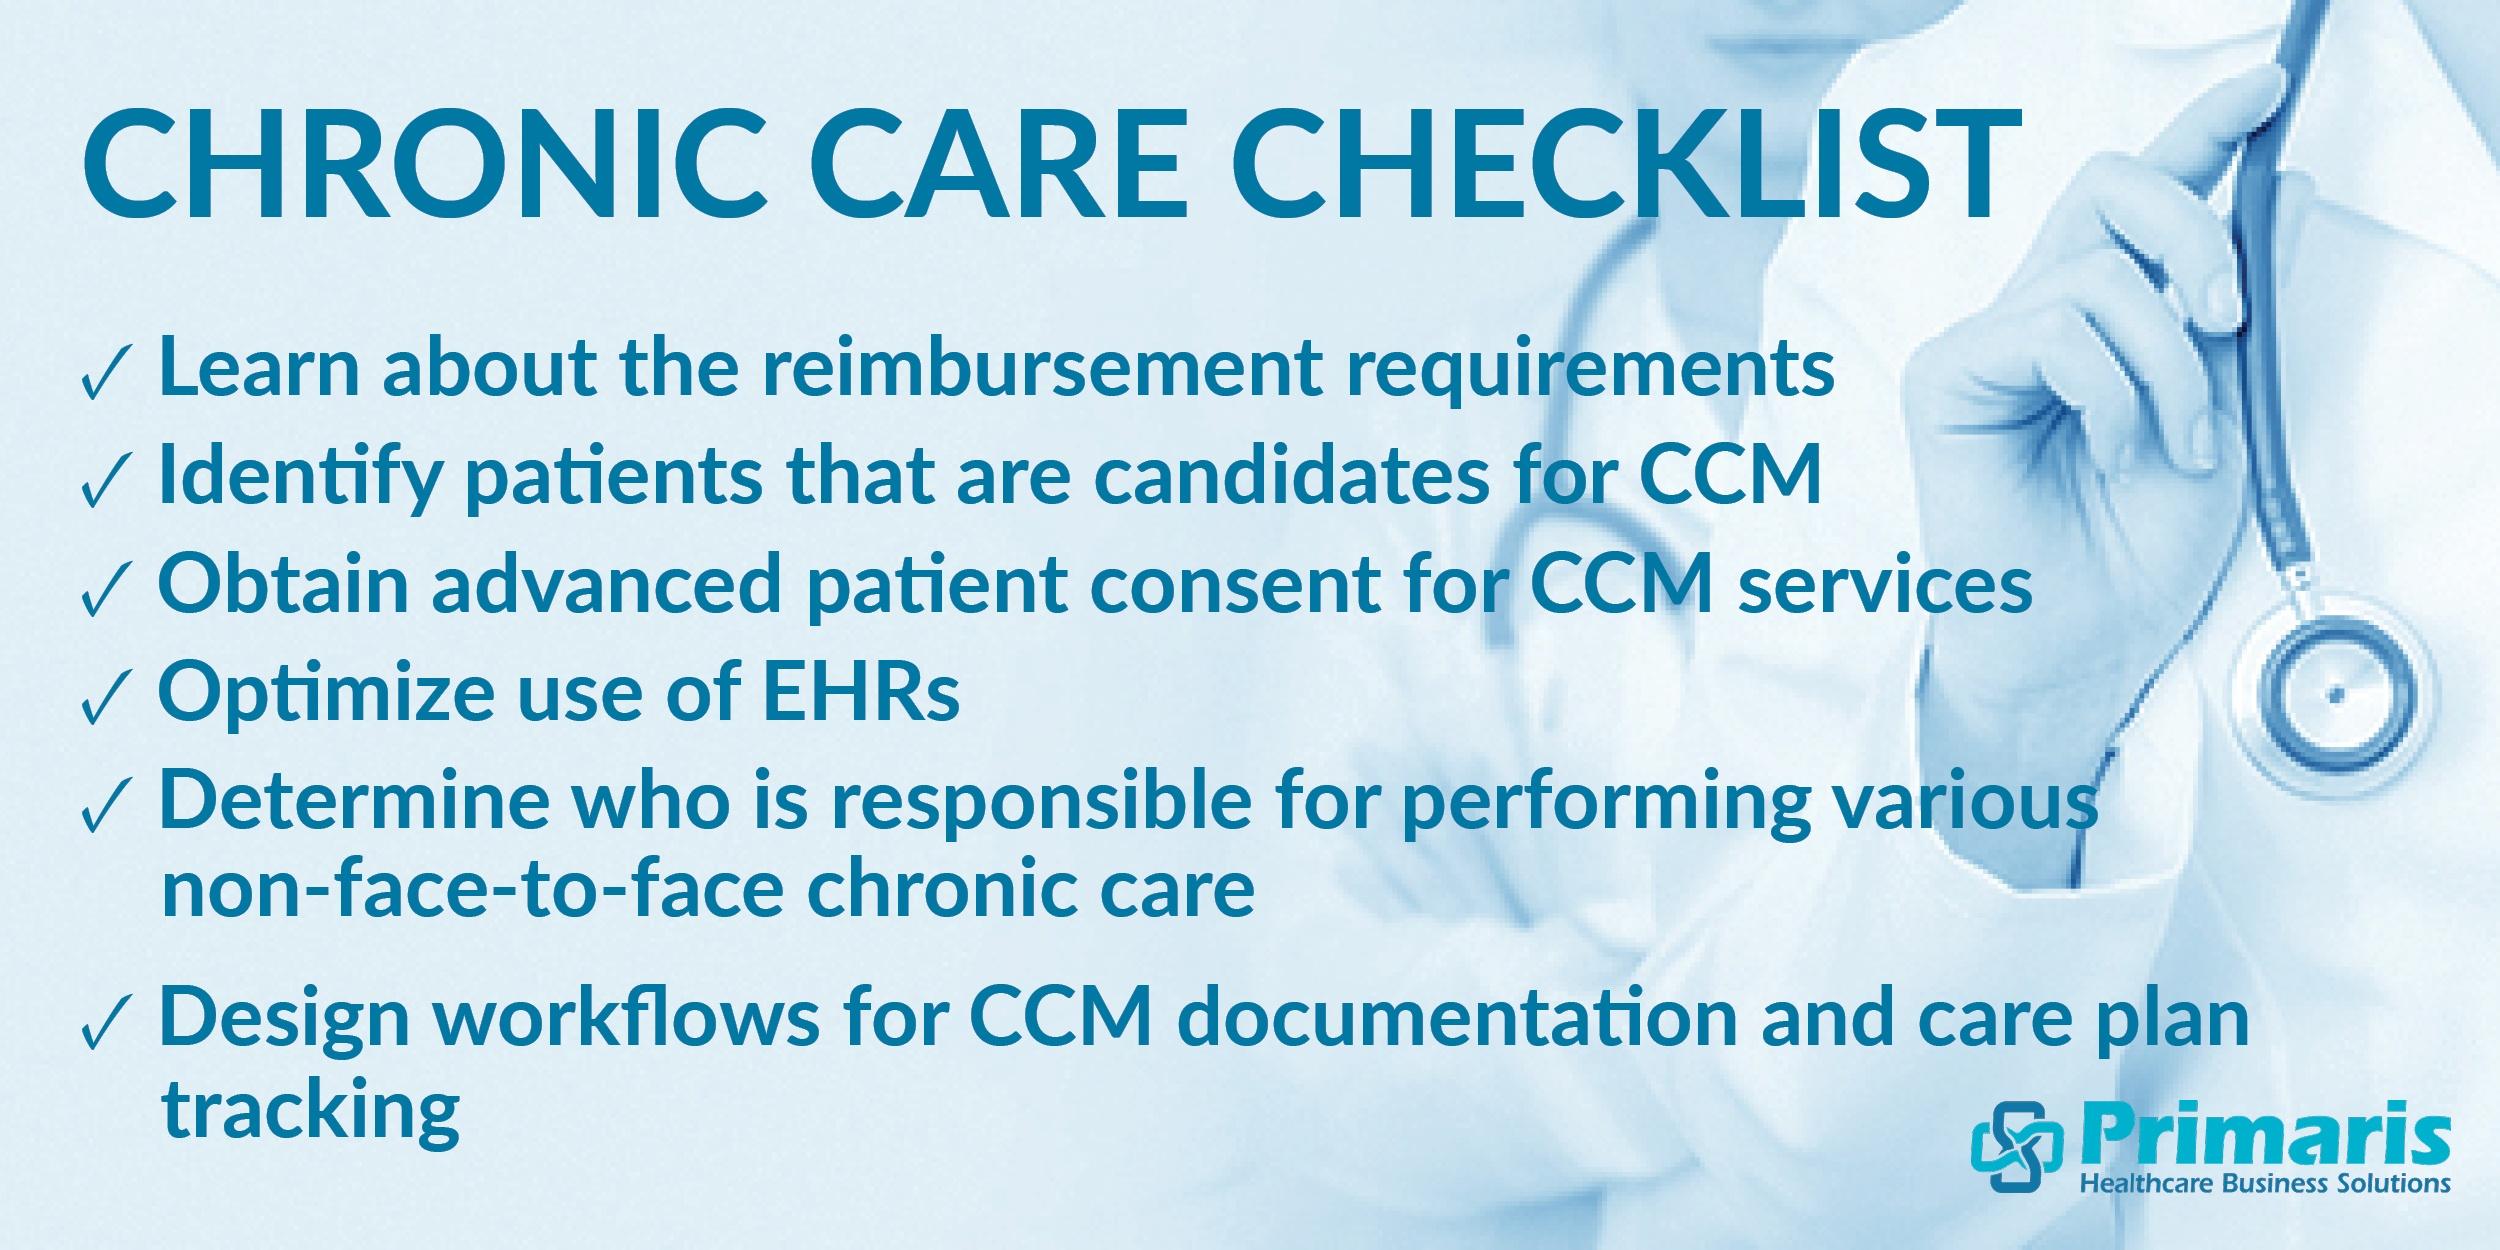 Primaris' Chronic Care Management Checklist